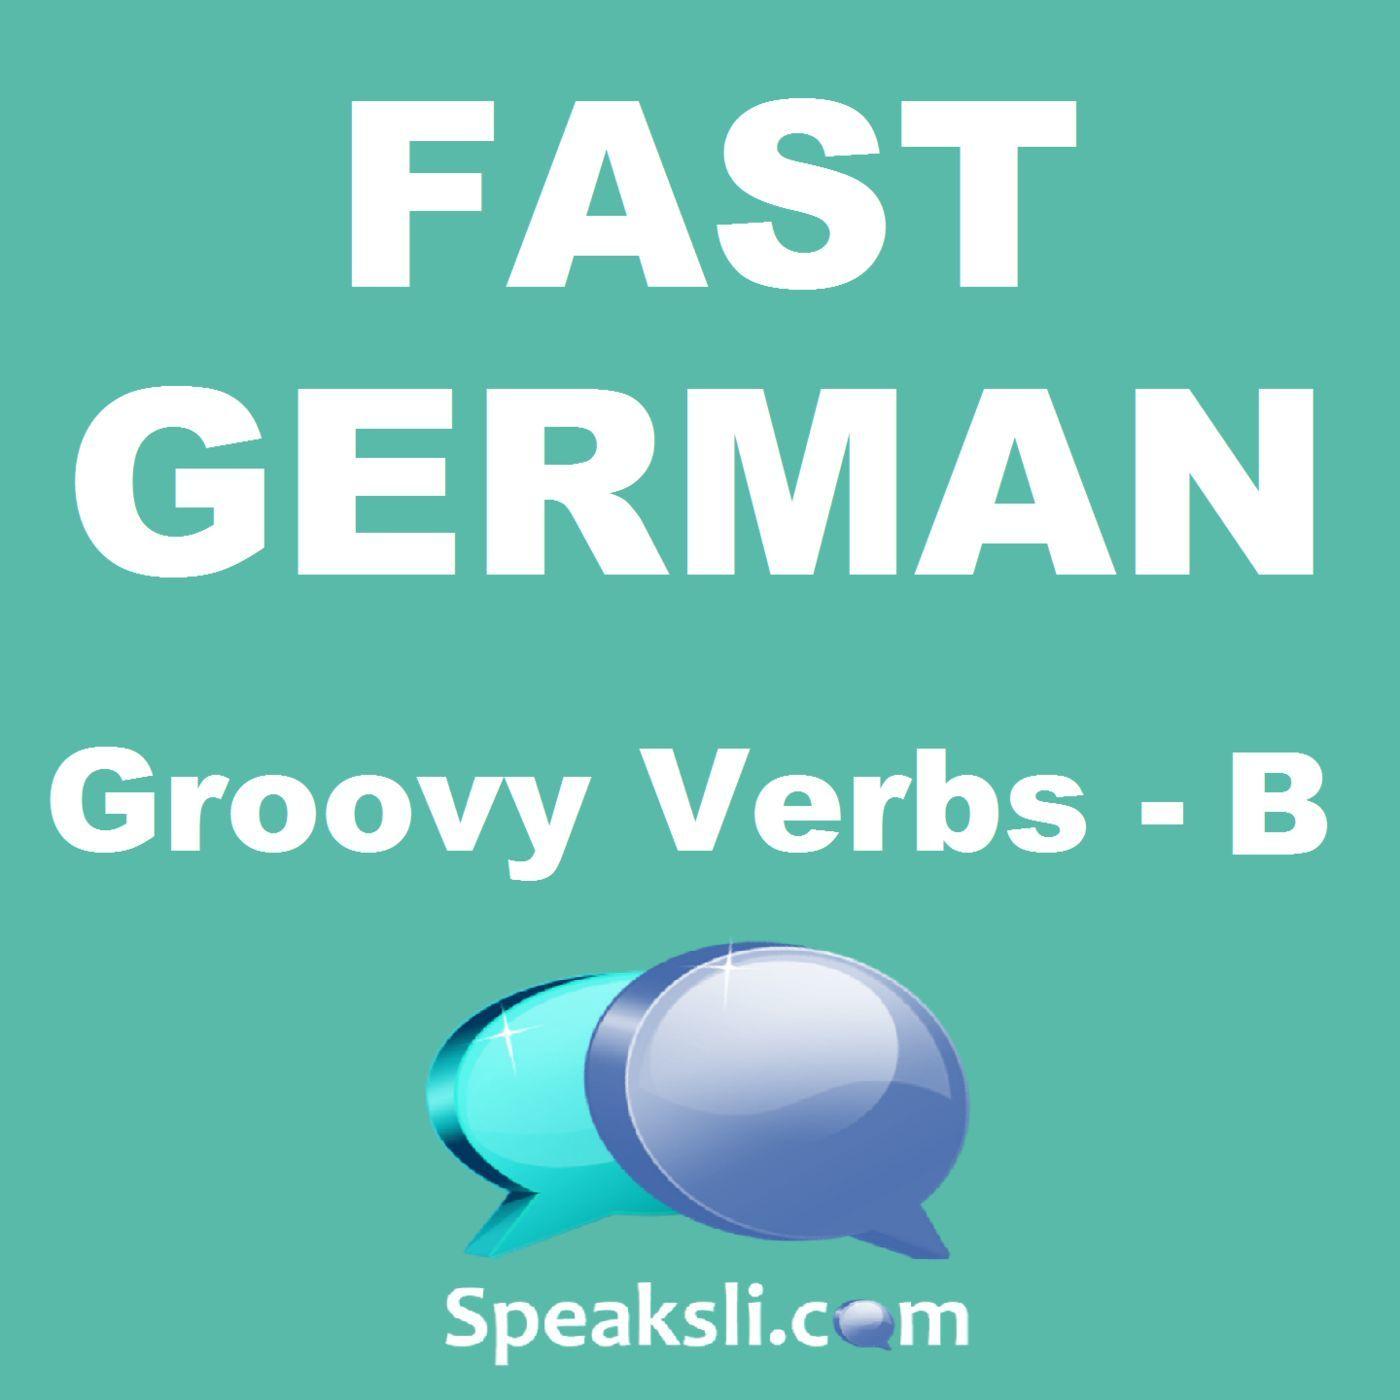 Ep. 30: Groovy German Verbs - B | Fast German | Speaksli